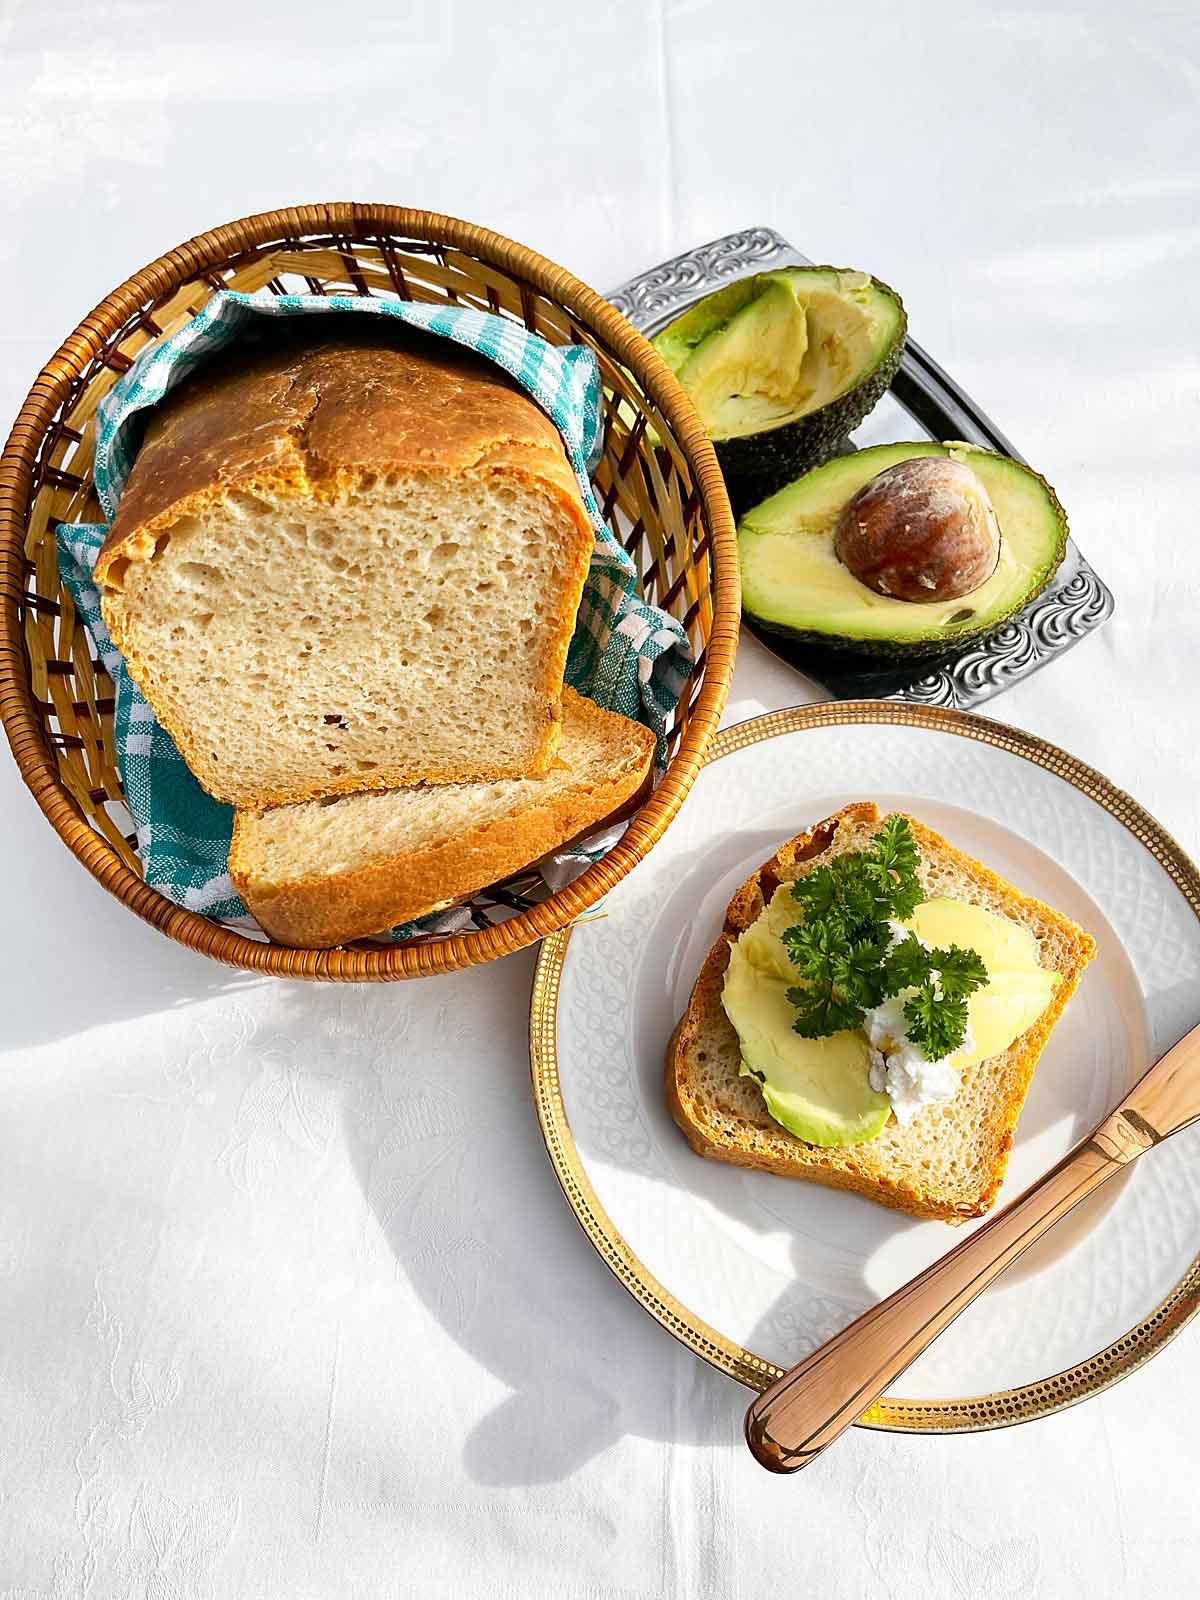 Chrupiacy chleb z maka duru